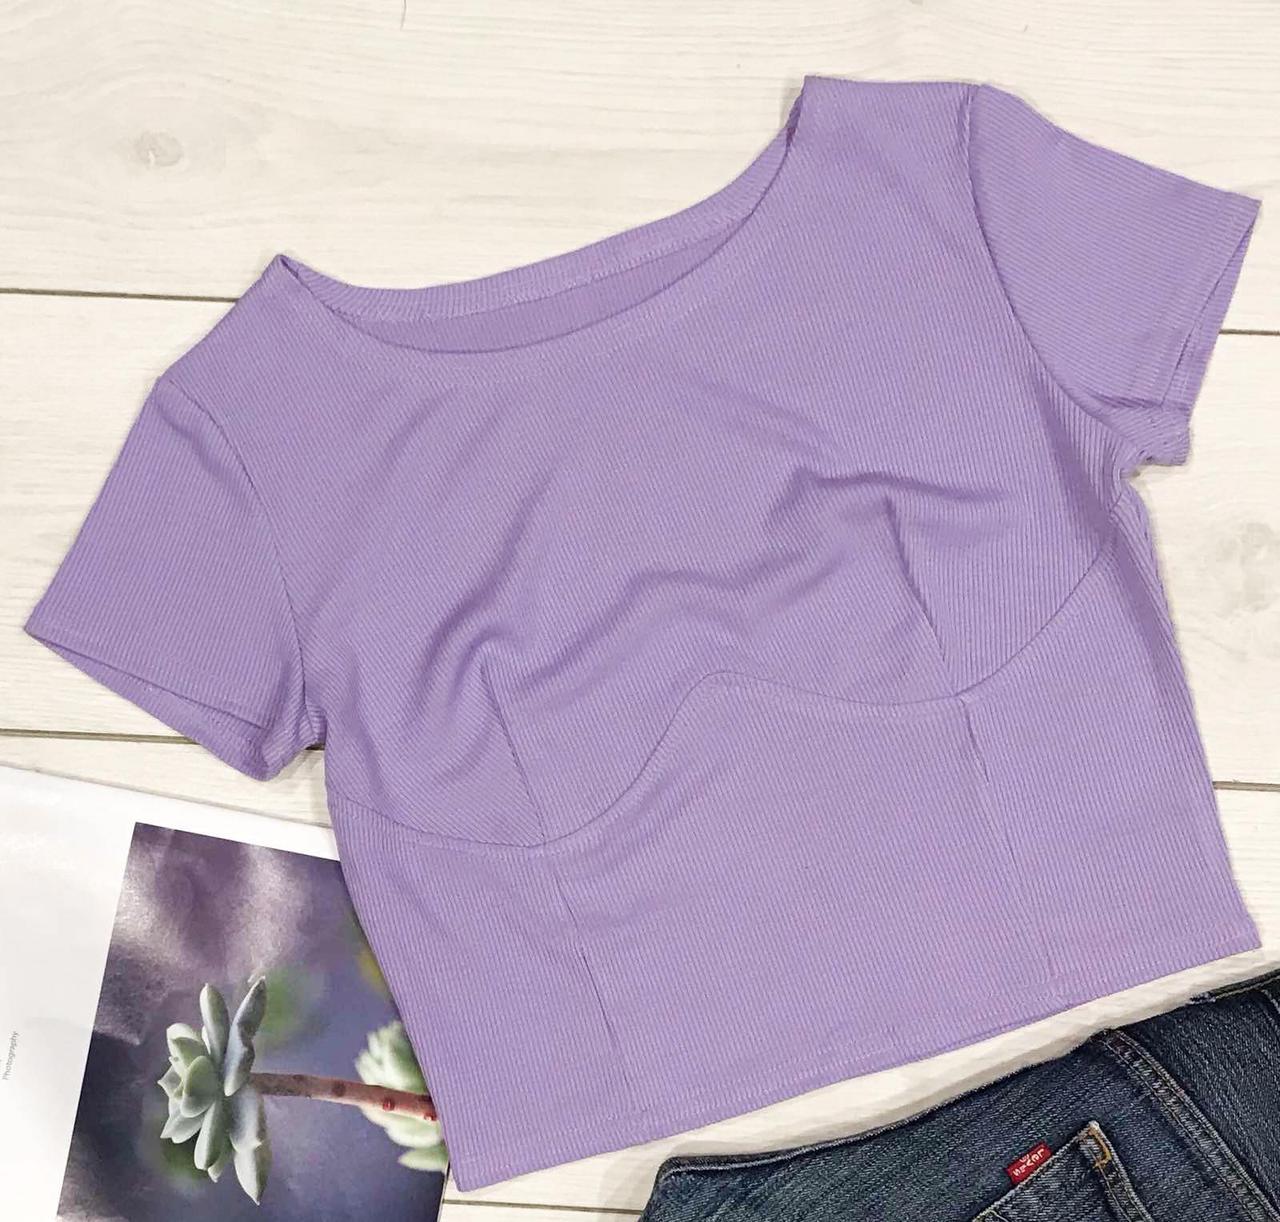 Базовая женская футболка с имитацией корсета.